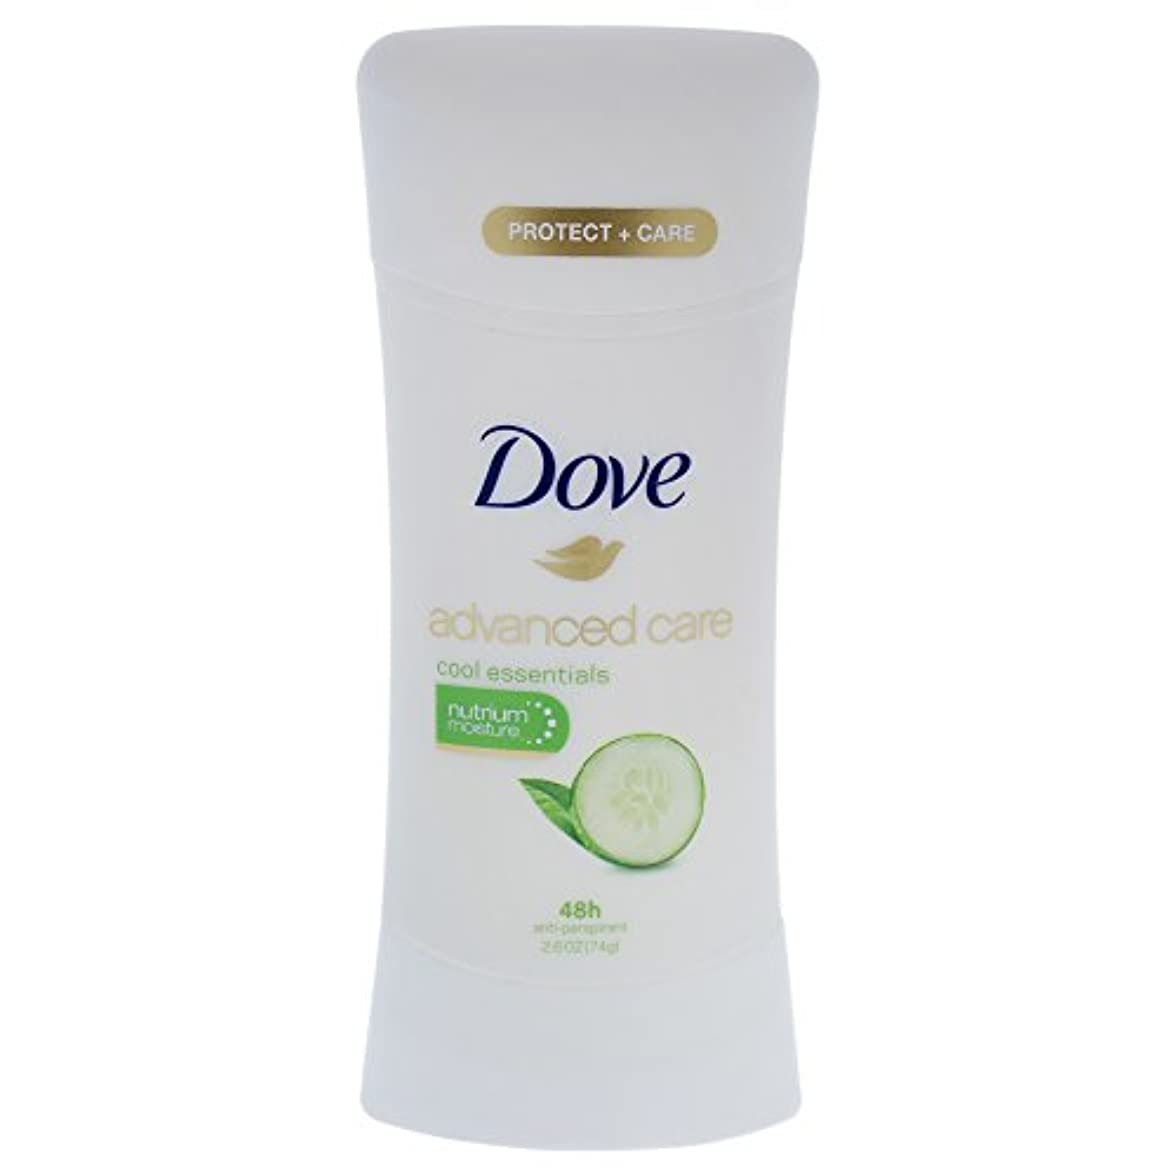 無駄な失礼なメタリックDove Advanced Care Cool Essentials Deodorant - 2.6oz ダブ アドバンスド ケア クールエッセンシャル デオドラント 74g [並行輸入品]